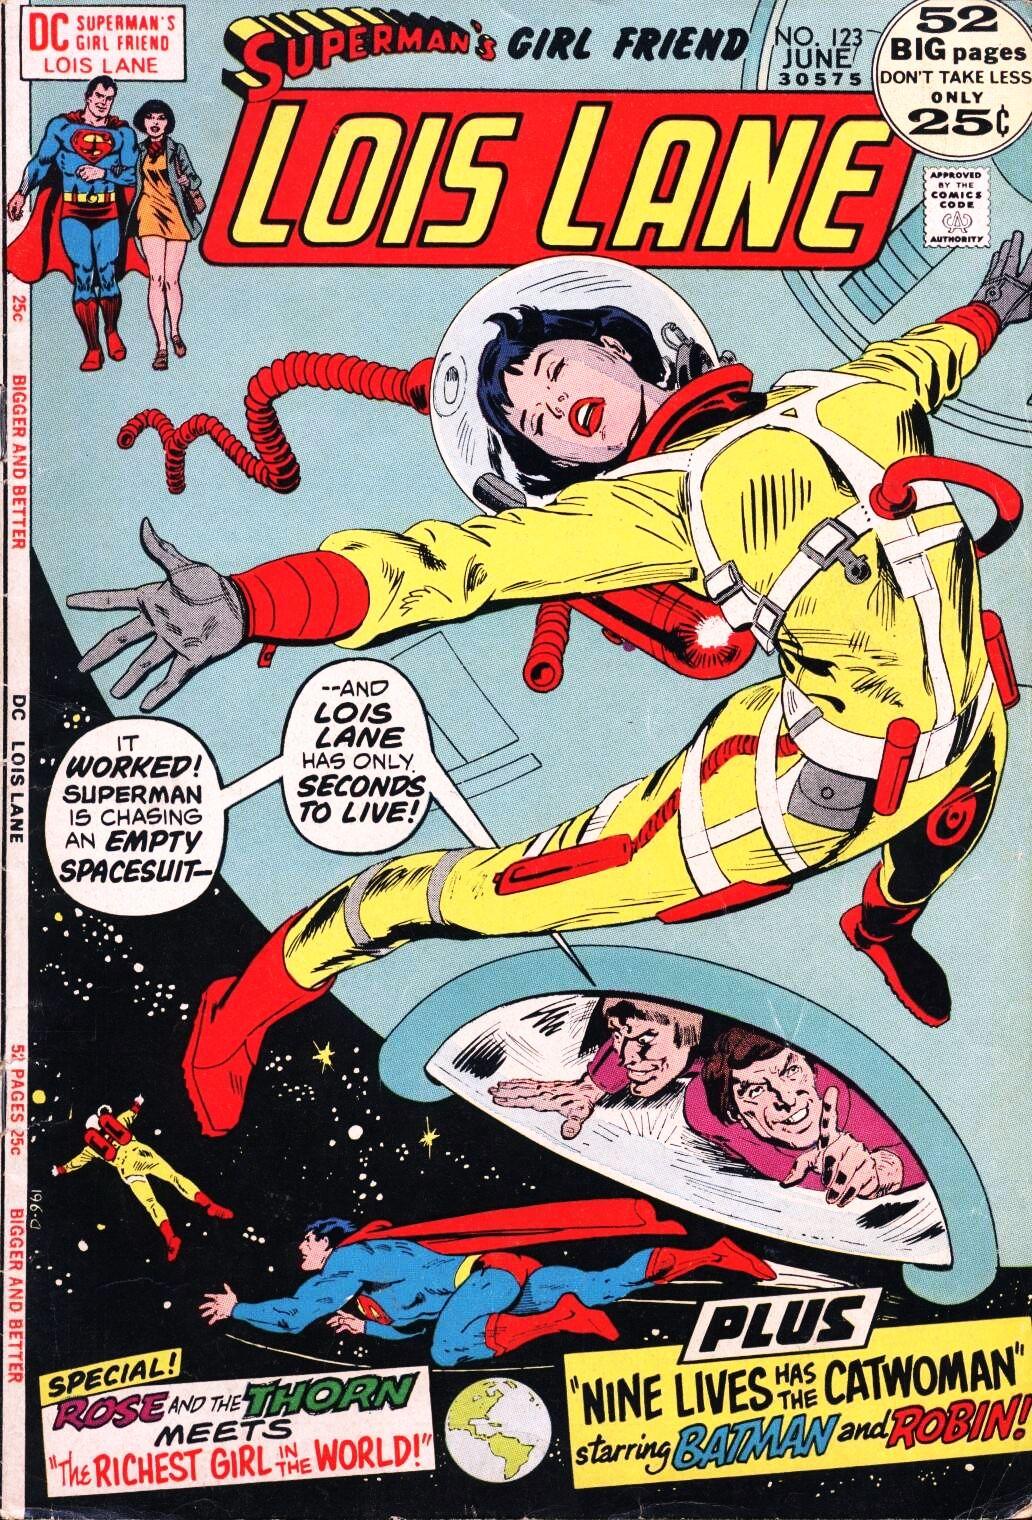 Supermans Girl Friend, Lois Lane 123 Page 1